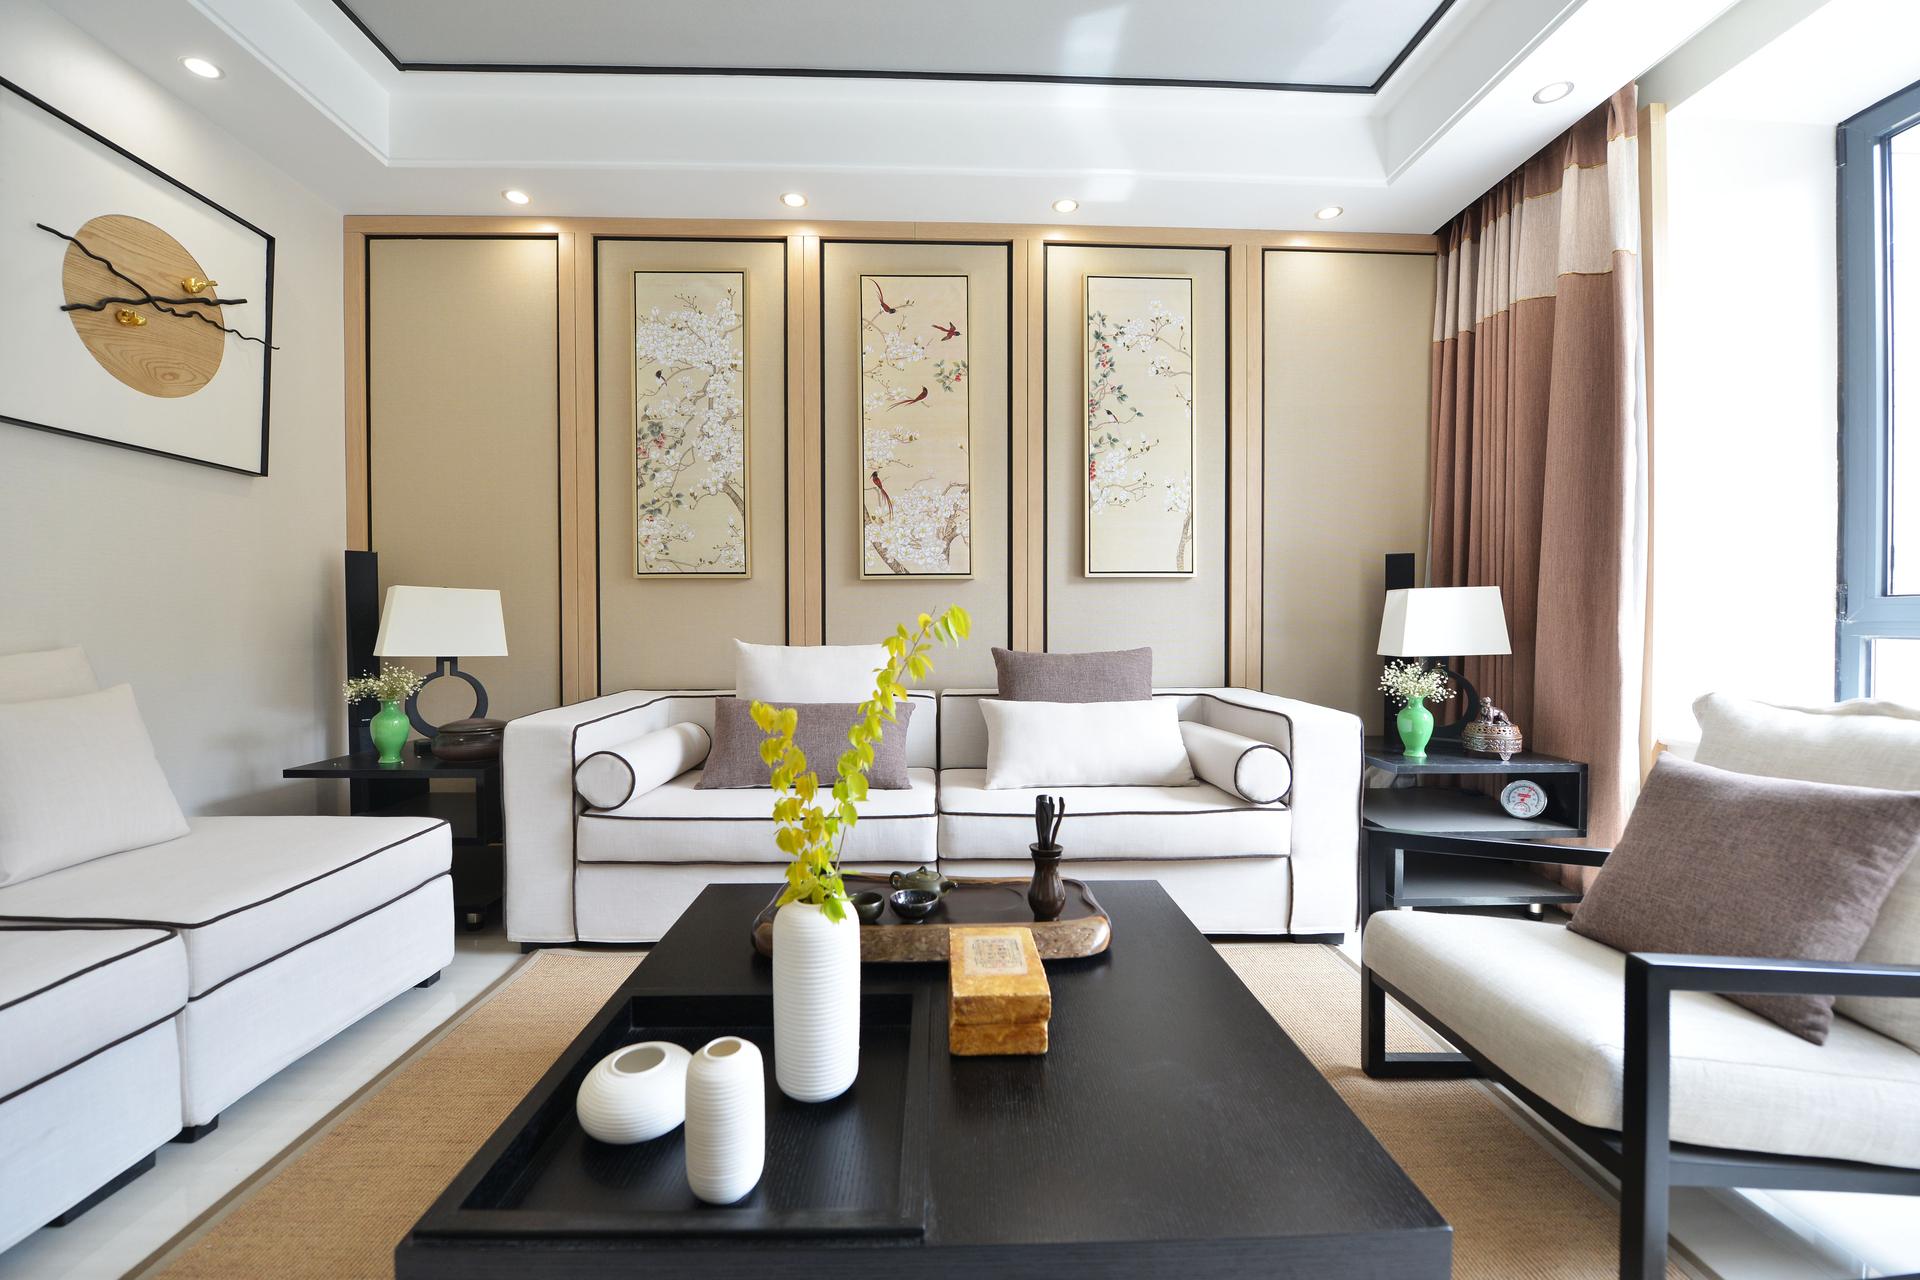 120平米新中式沙发背景墙装修效果图